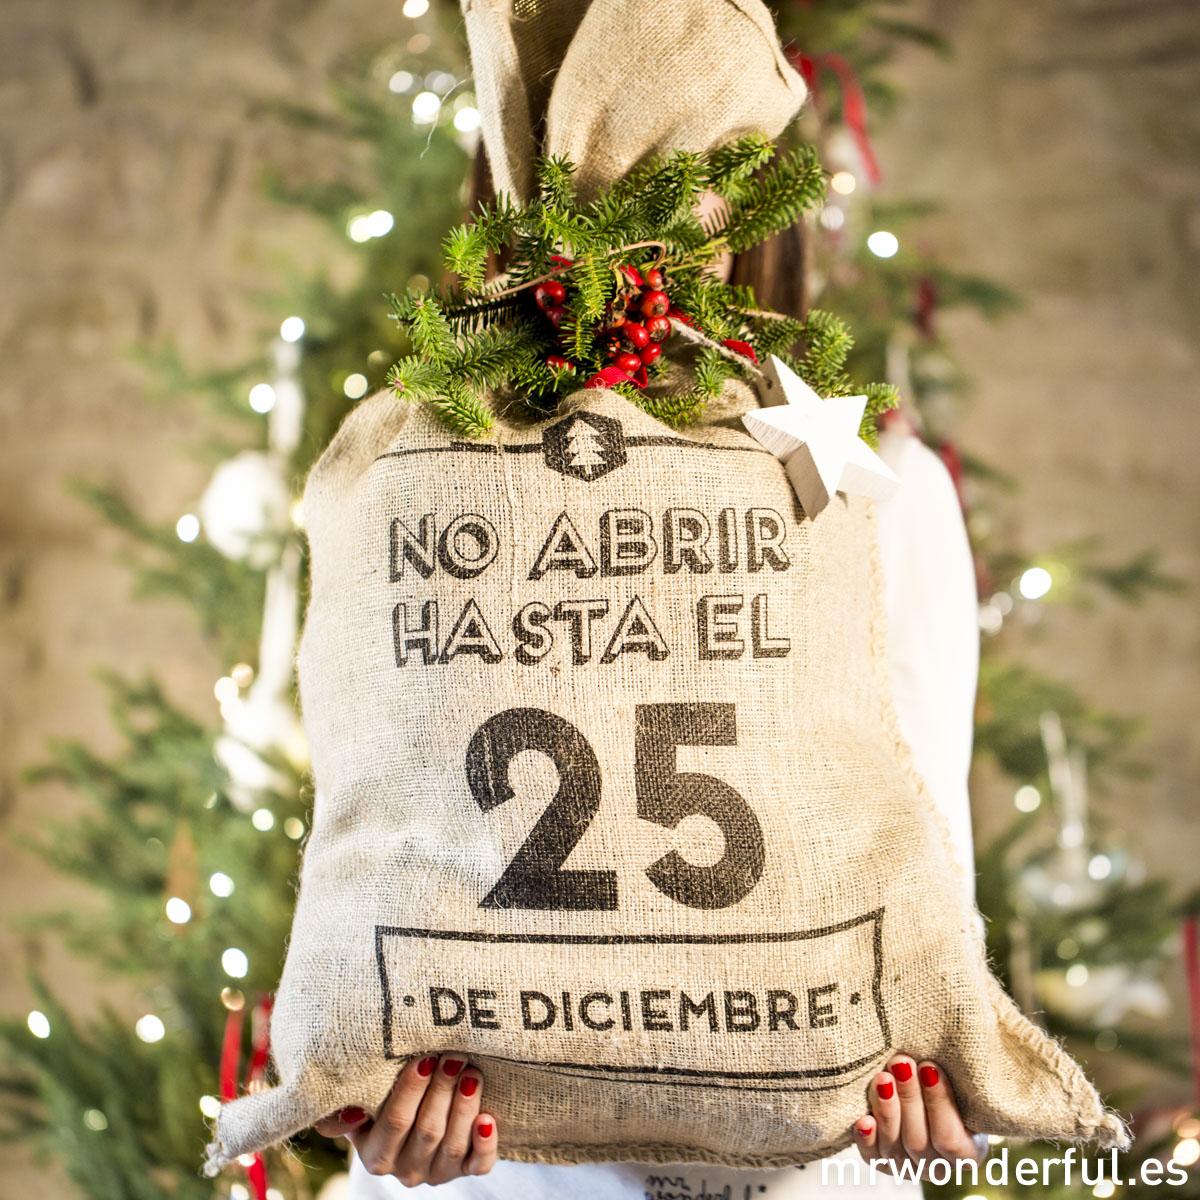 Saco Navidad Mr.Wonderful. No abrir hasta el 25 de diciembre.